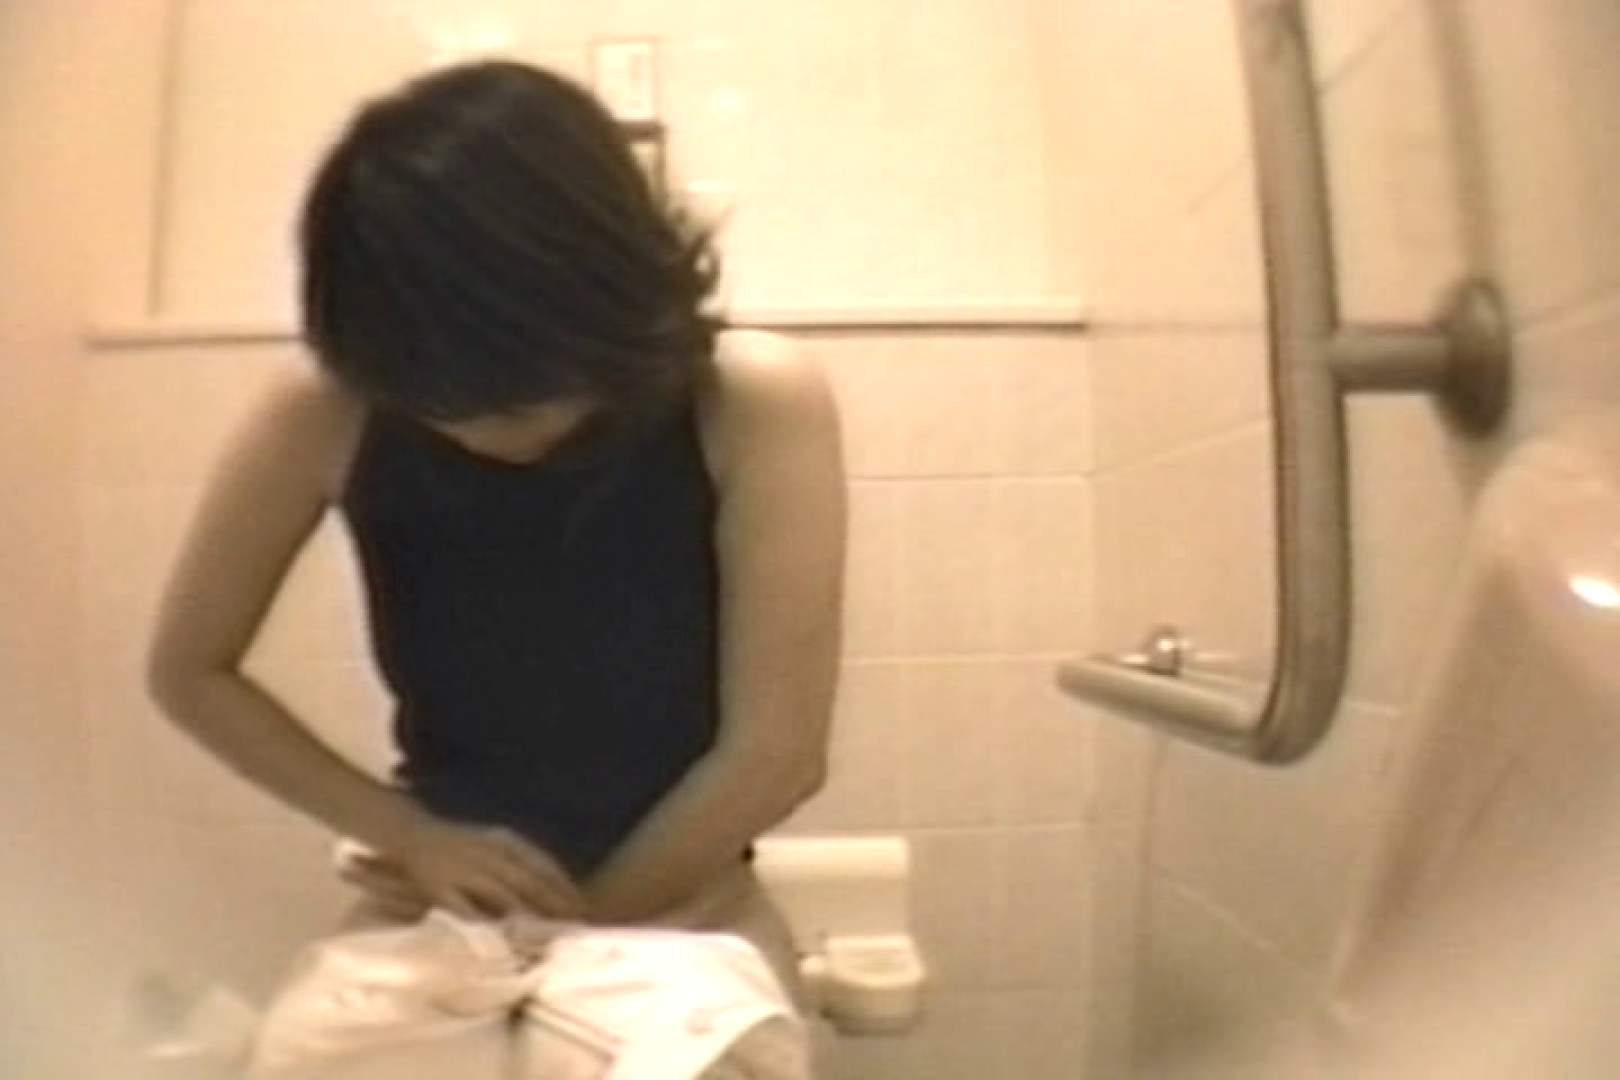 個室狂いのマニア映像Vol.4 洗面所はめどり  61画像 6